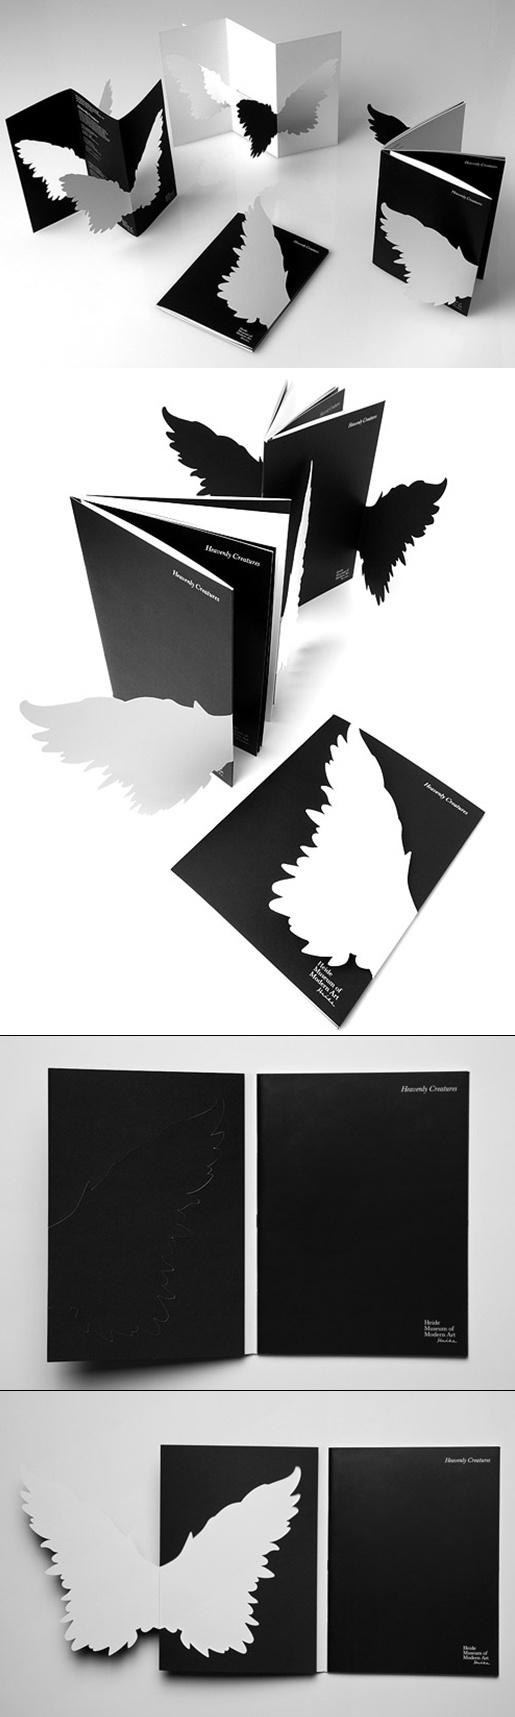 [카다로그 디자인] 해외 이색적이고 특별한 후가공 카달로그 :: 네이버 블로그